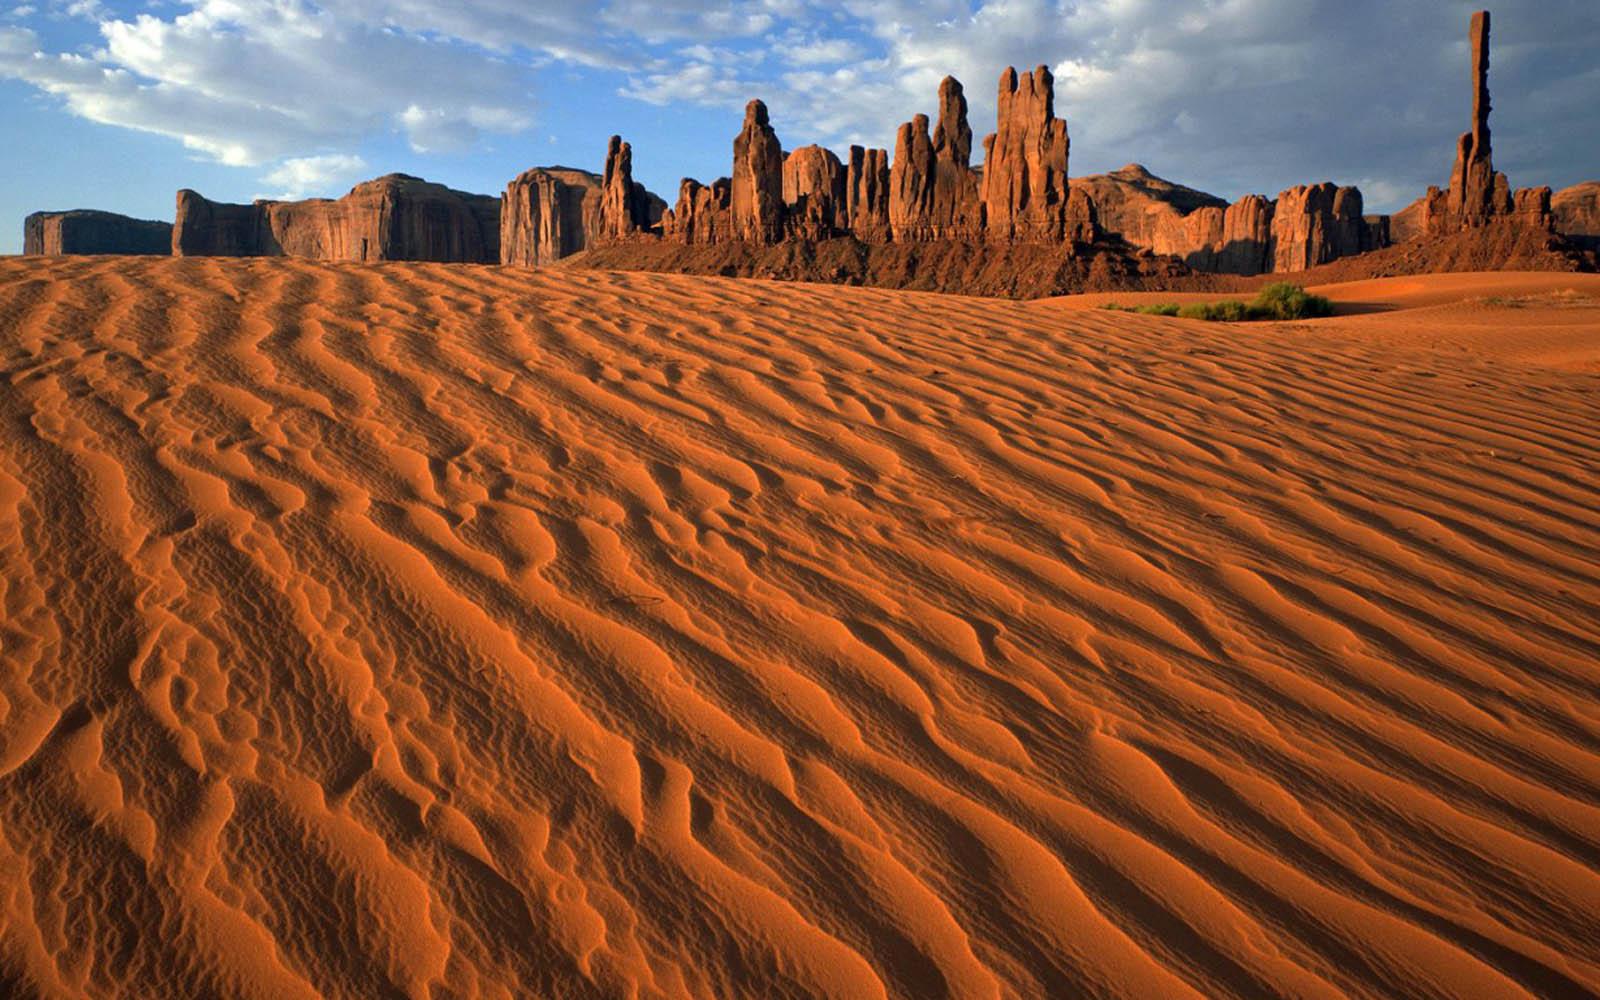 wallpapers desert wallpapers